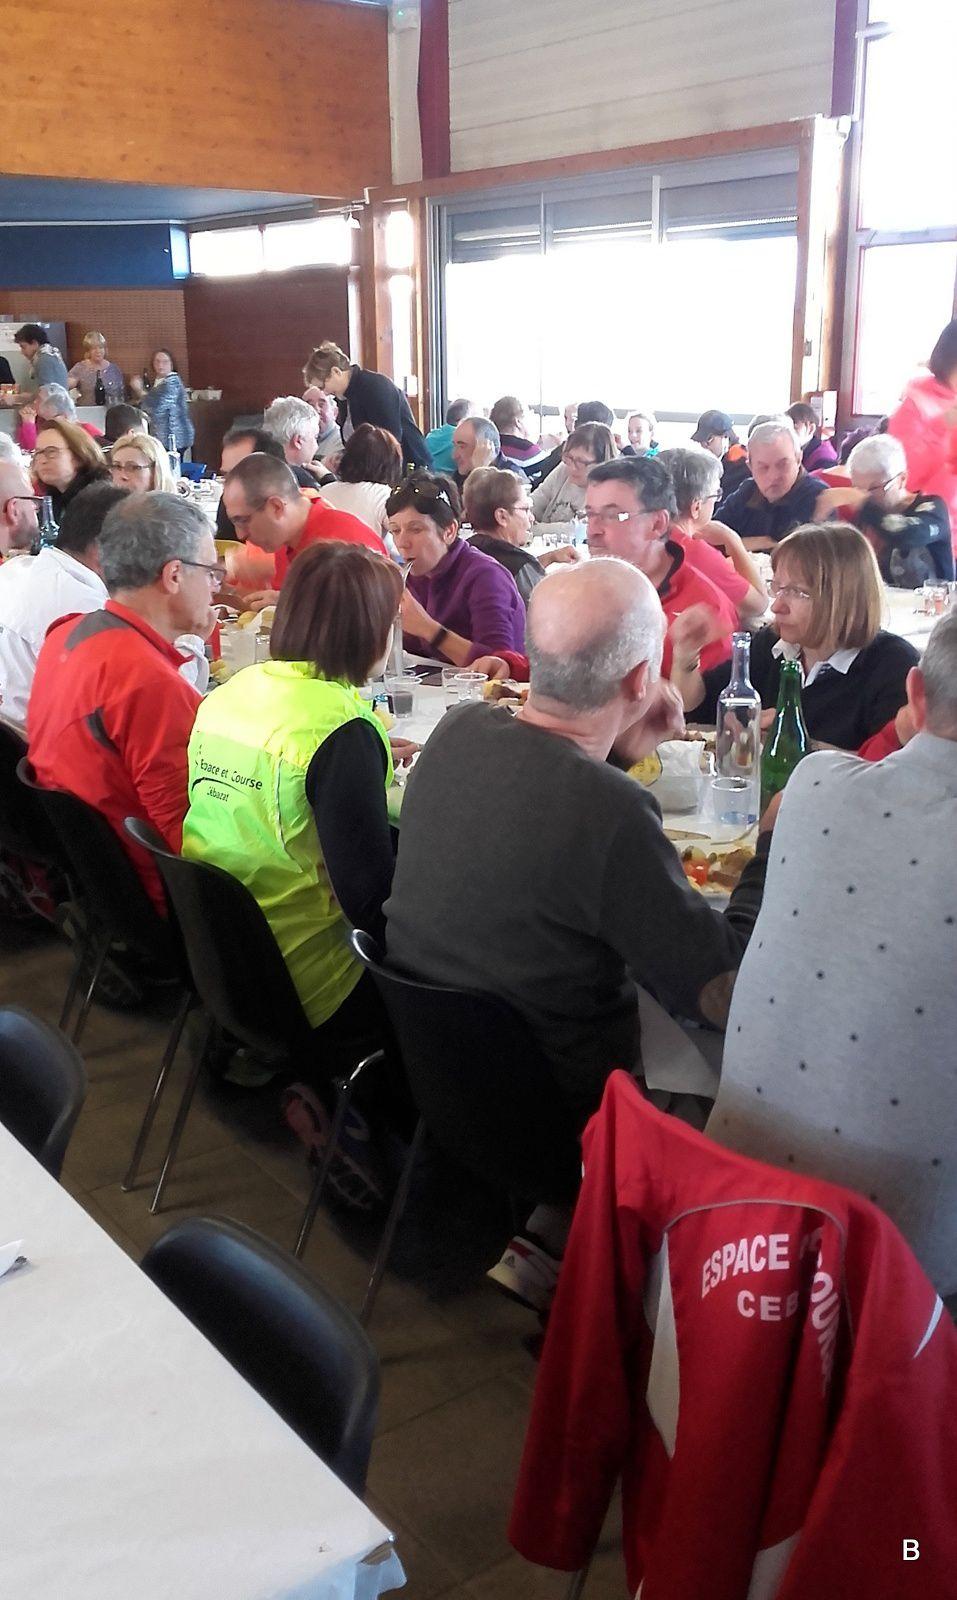 Dégustation dans une salle comble. 320 repas servis aux randonneurs, 86 personnes furent refusées.